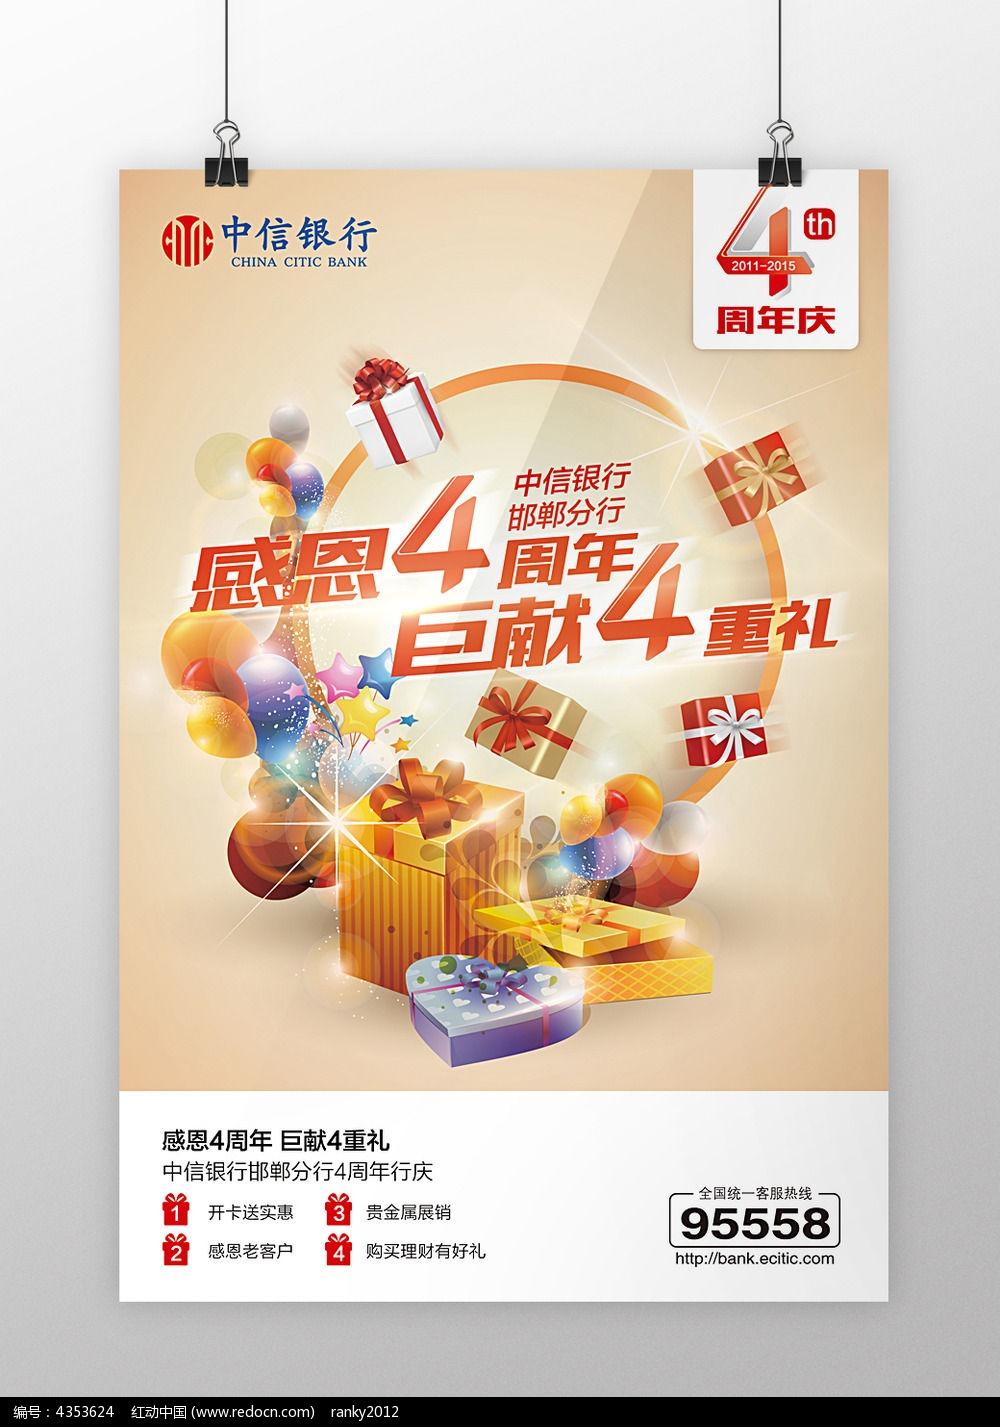 中信银行分行4周年庆活动海报图片